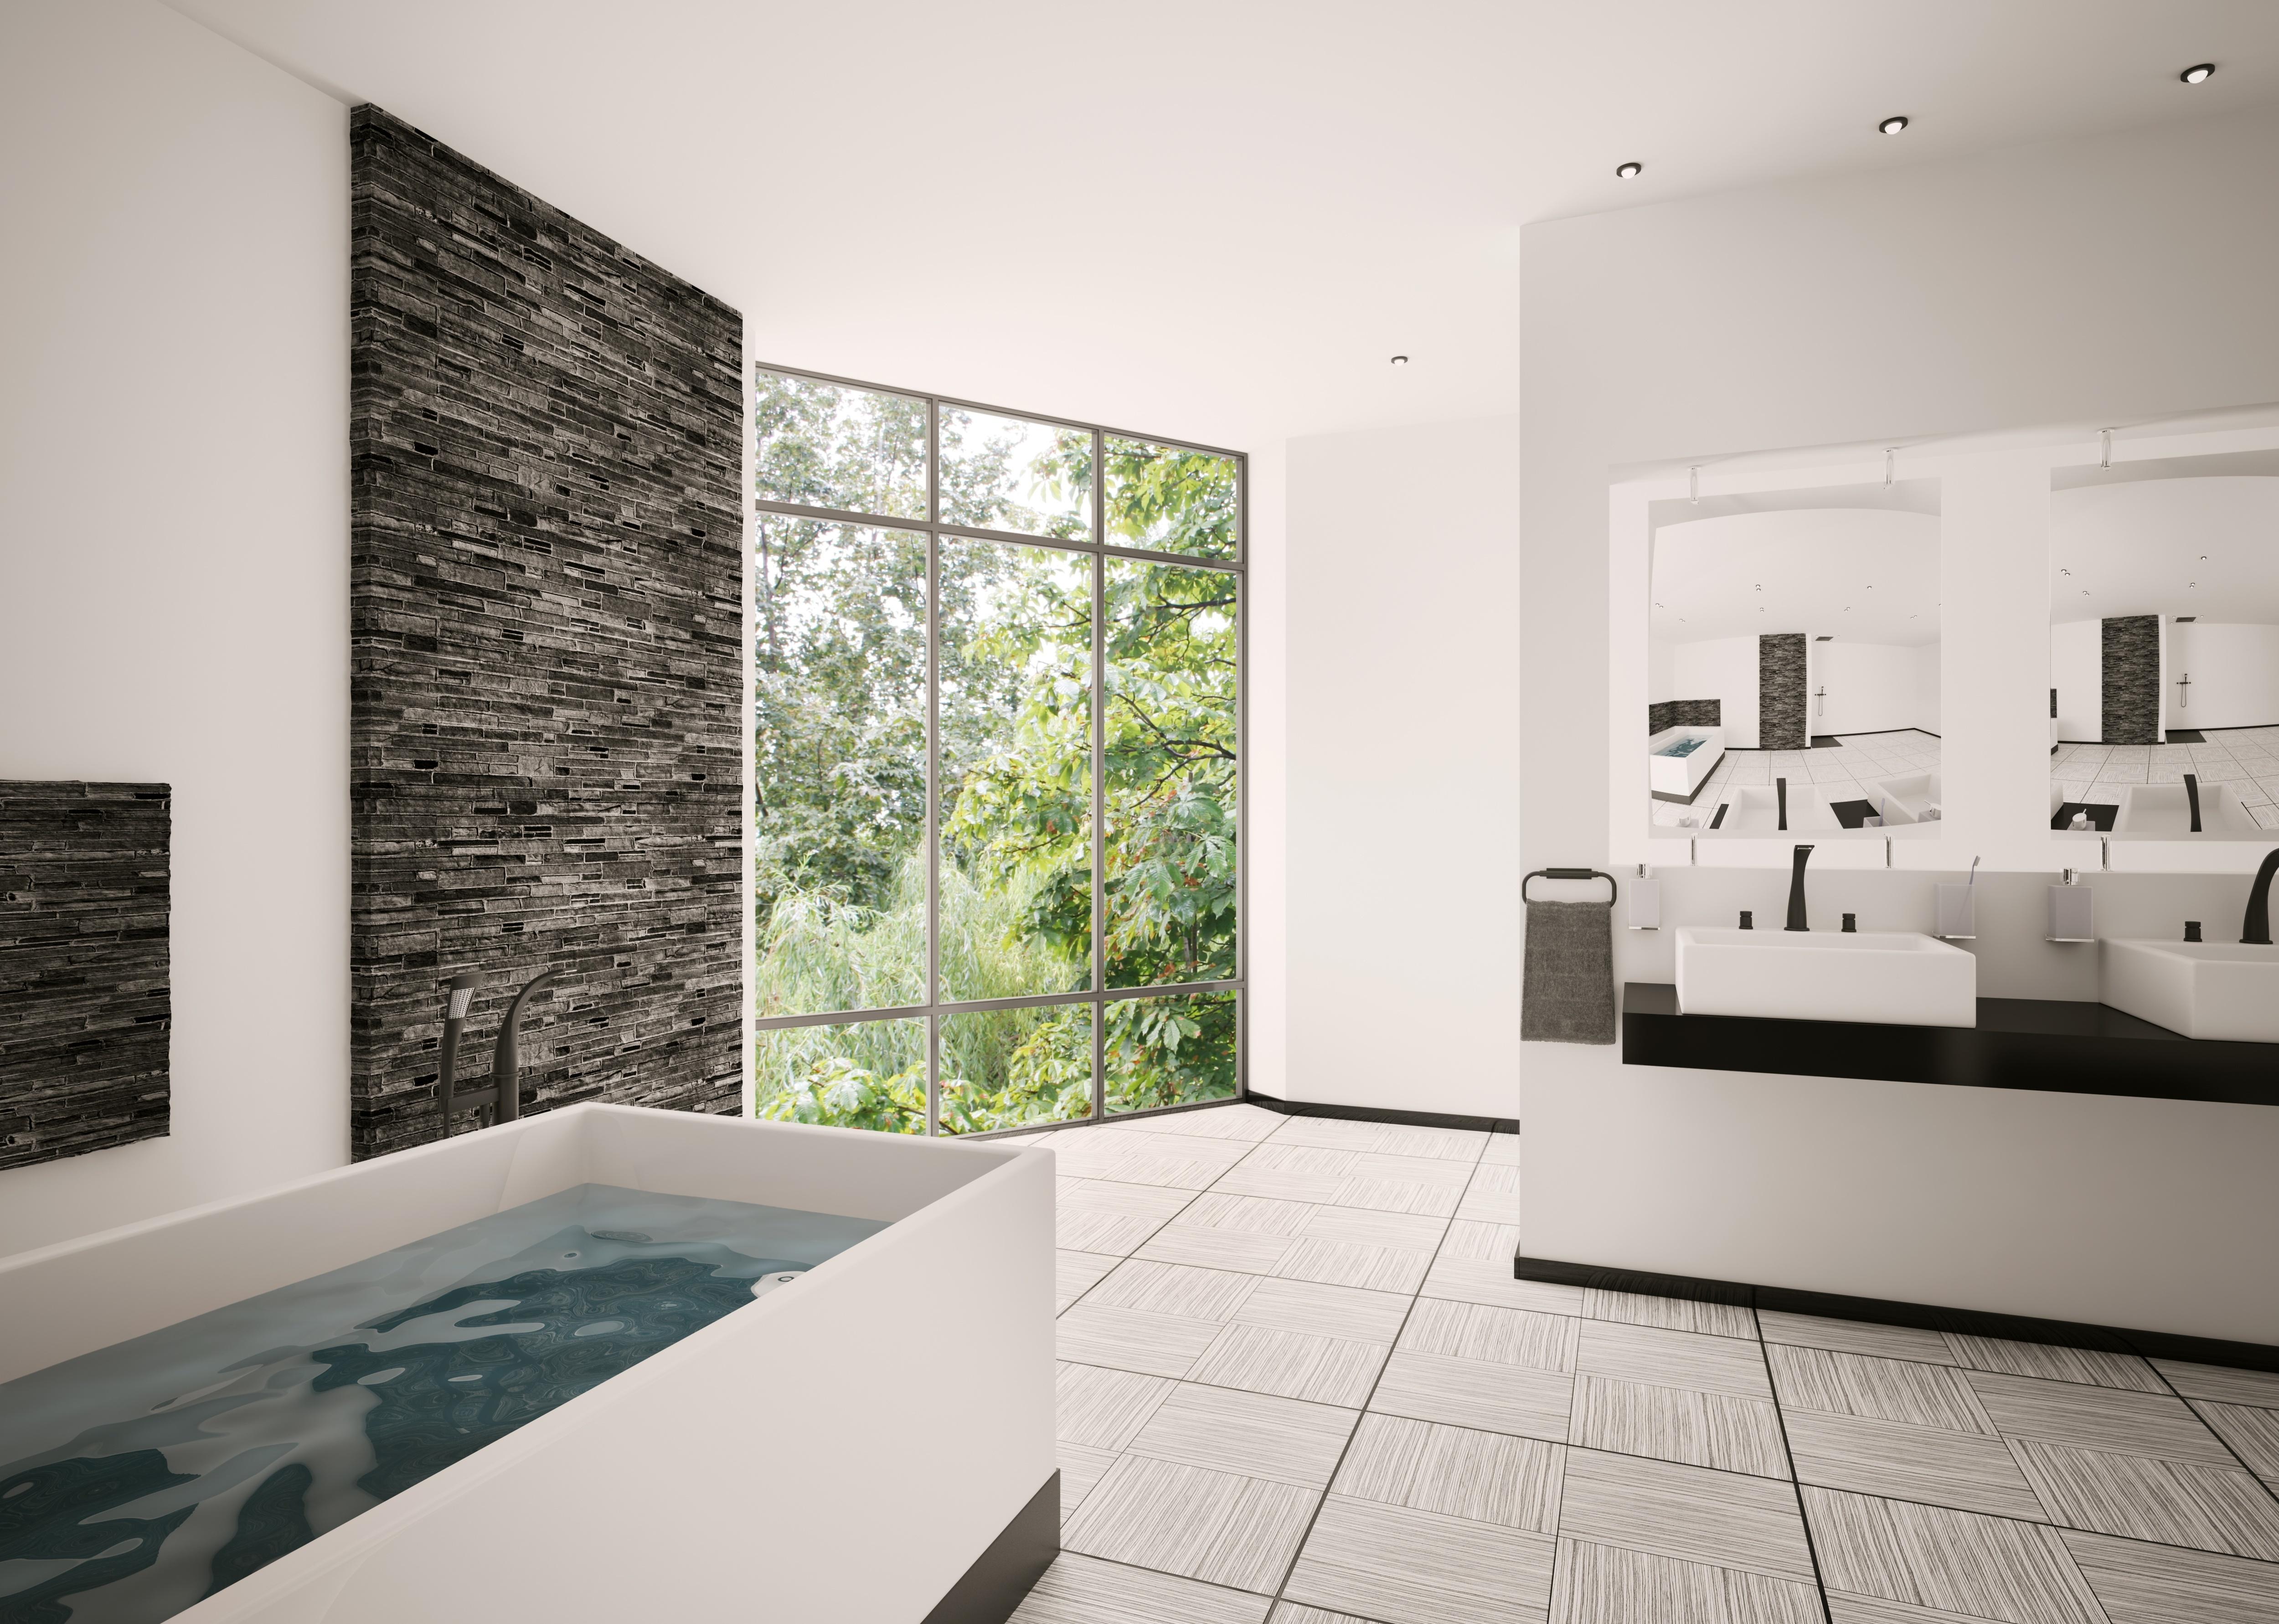 piedra-cupa-stone-para-interiores-y-exteriores.jpg